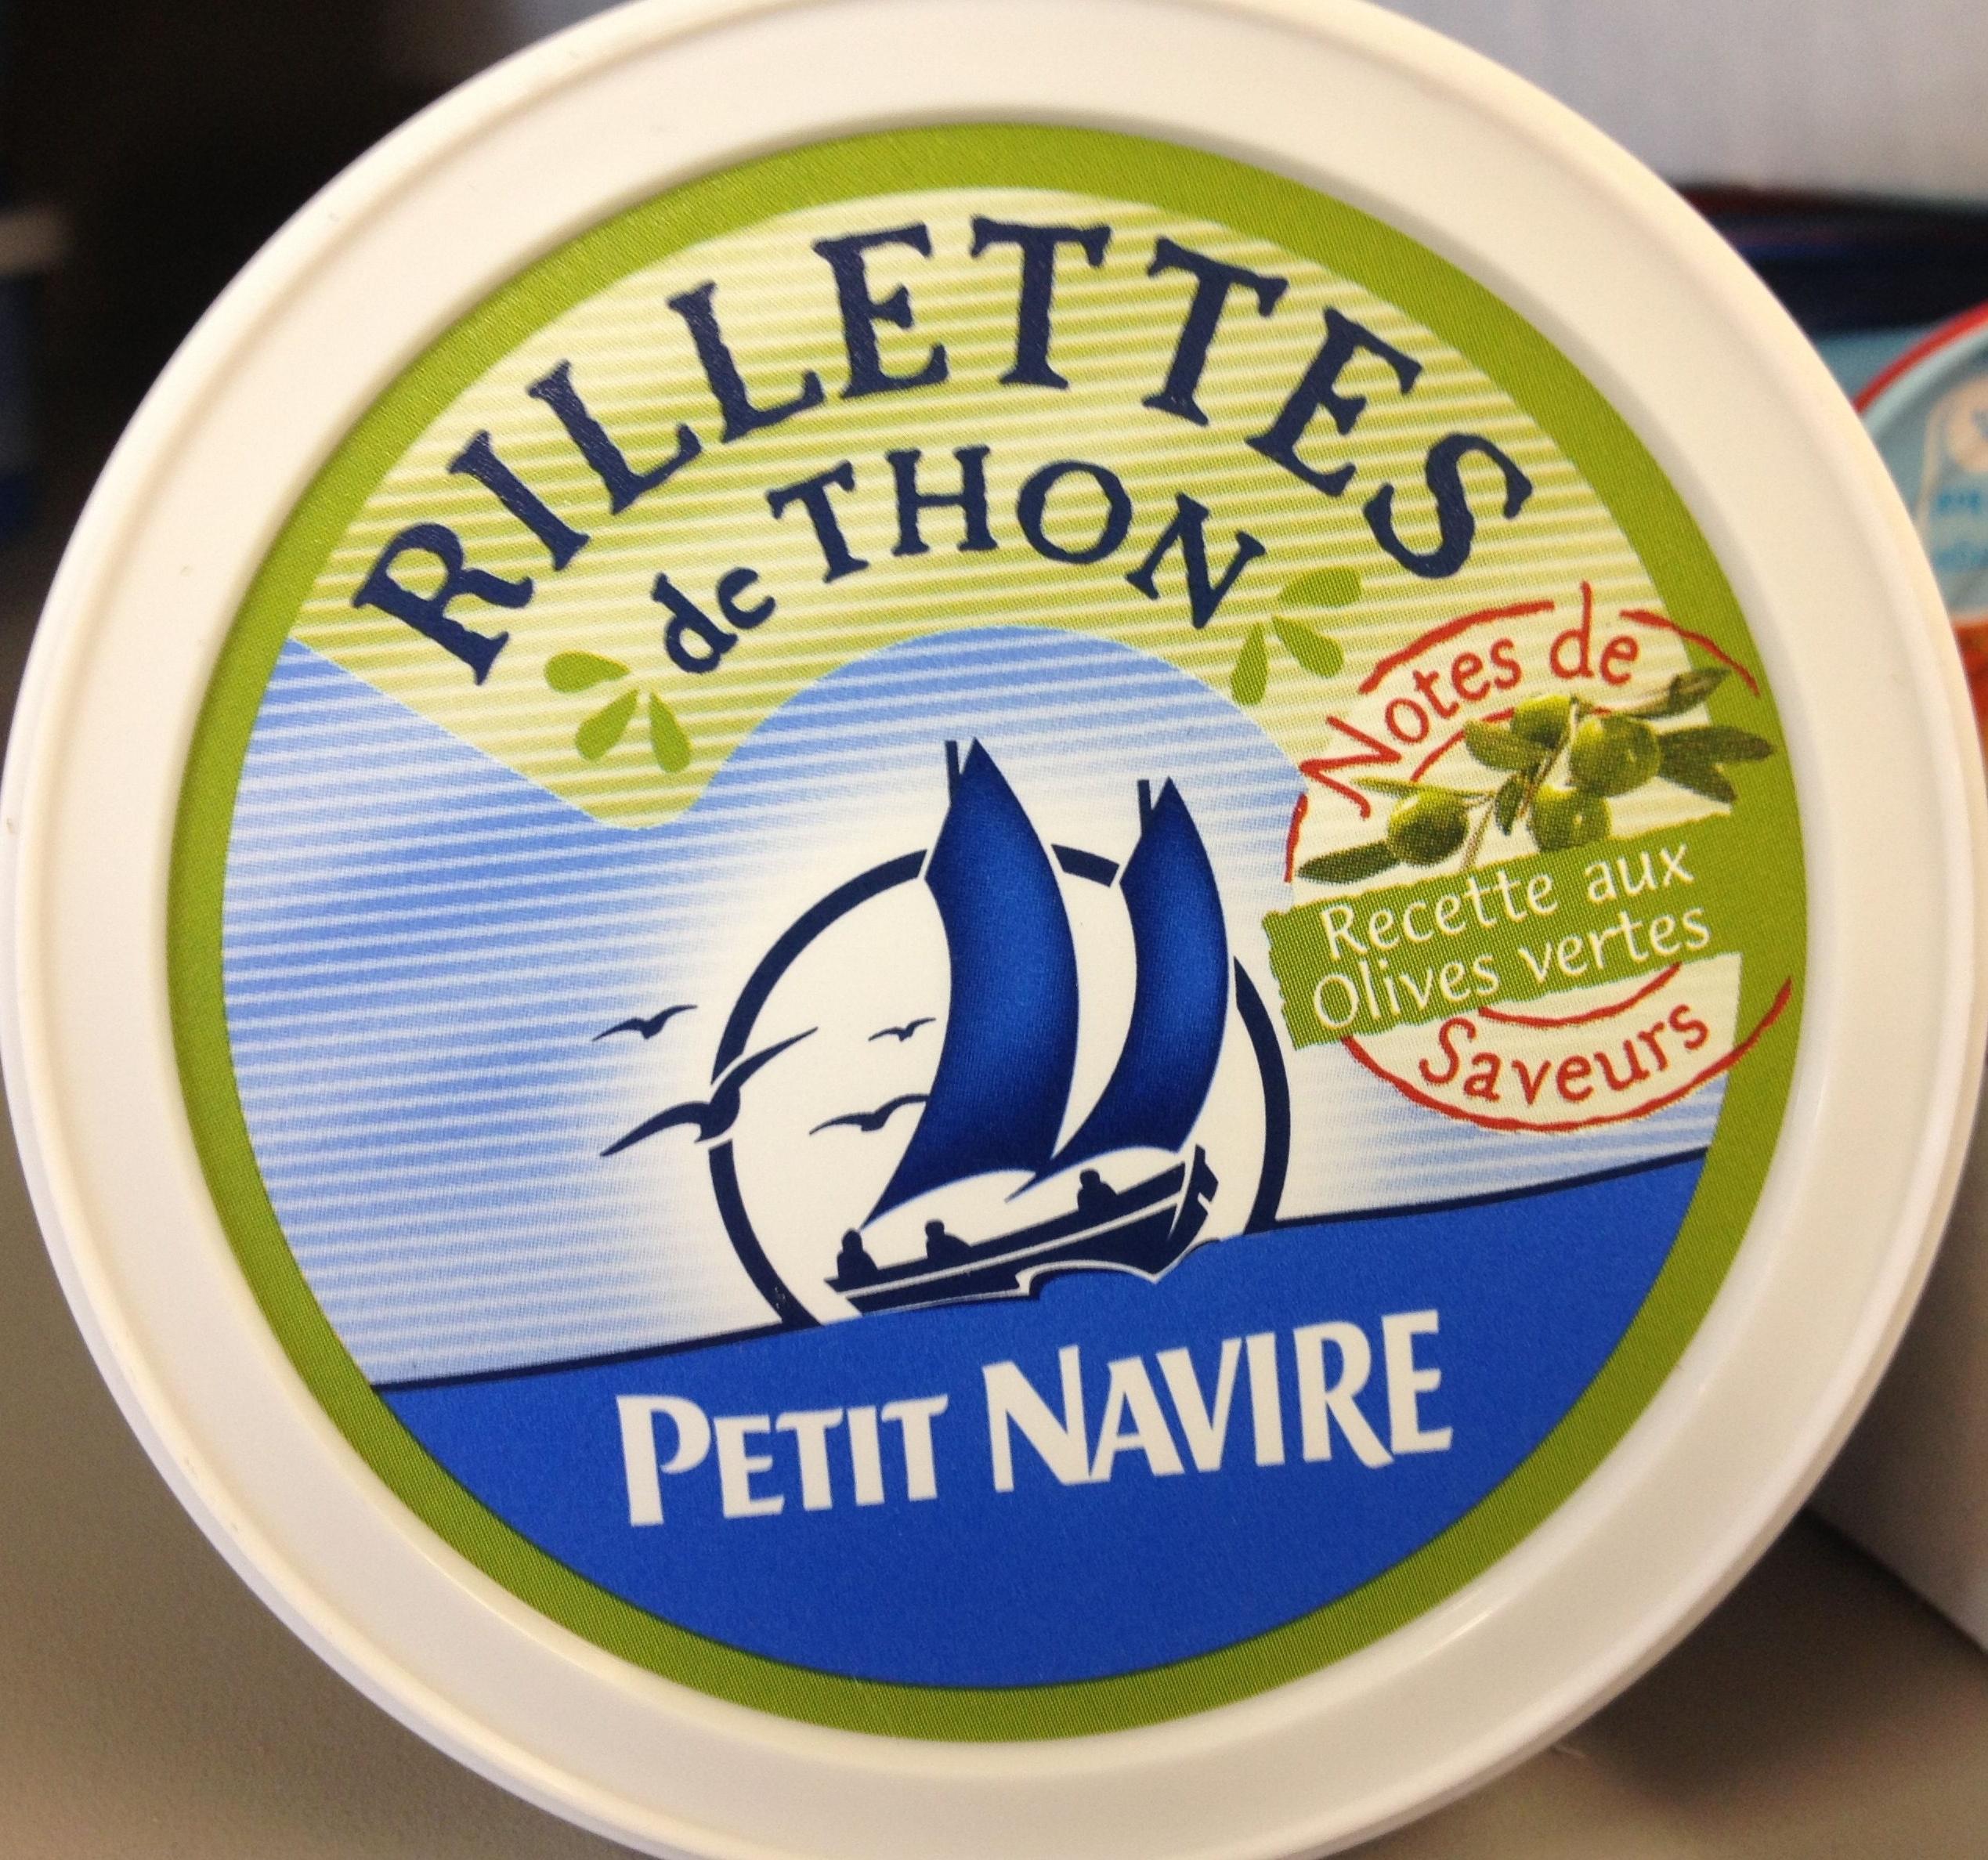 Rillettes De Thon Recette Aux Olives Vertes Petit Navire 125 G